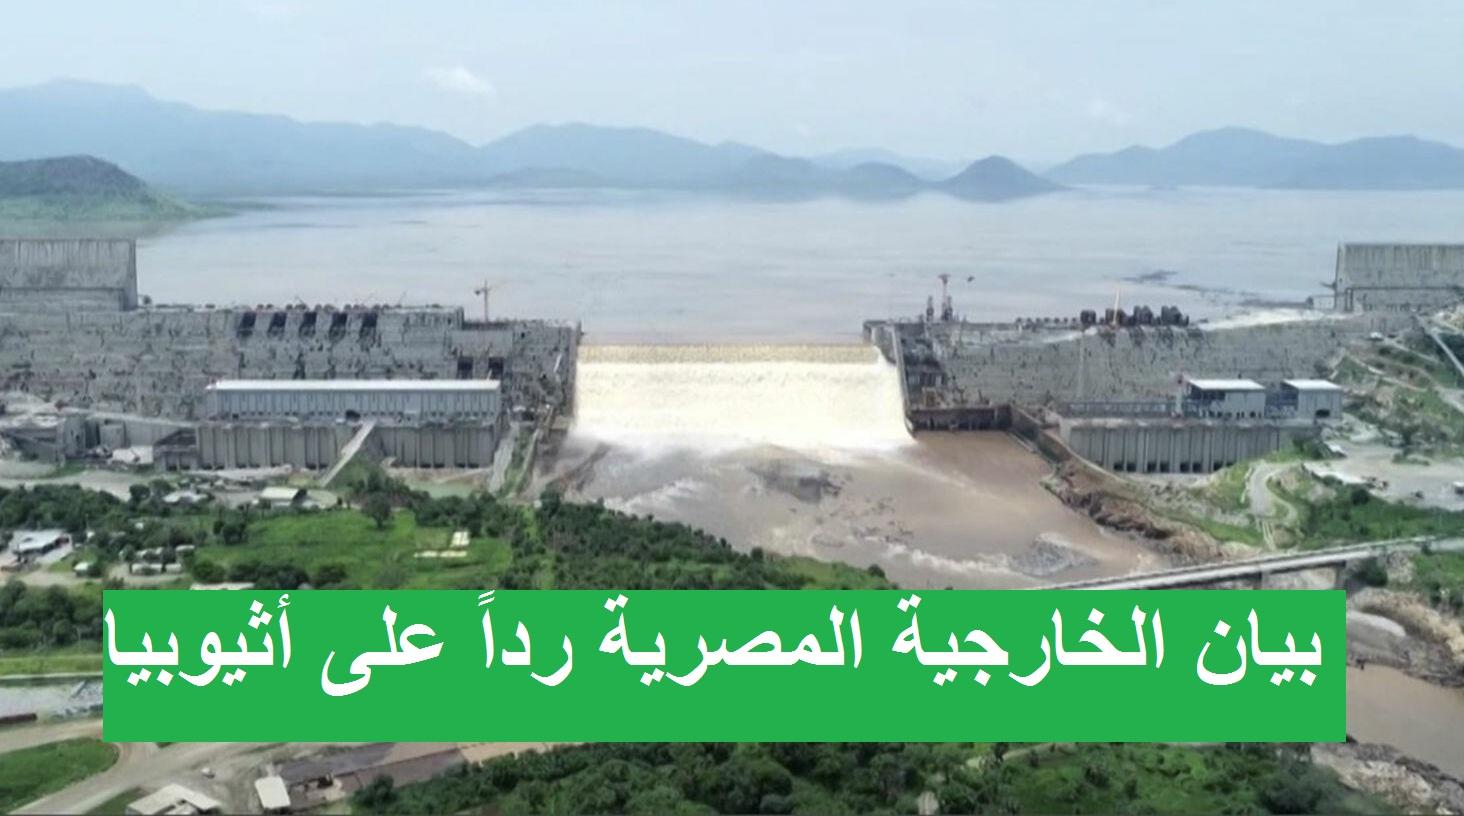 بيان من وزارة الخارجية المصرية حول سد النهضة رداً على التصريحات الأثيوبية بملء وتشغيل السد دون اتفاق